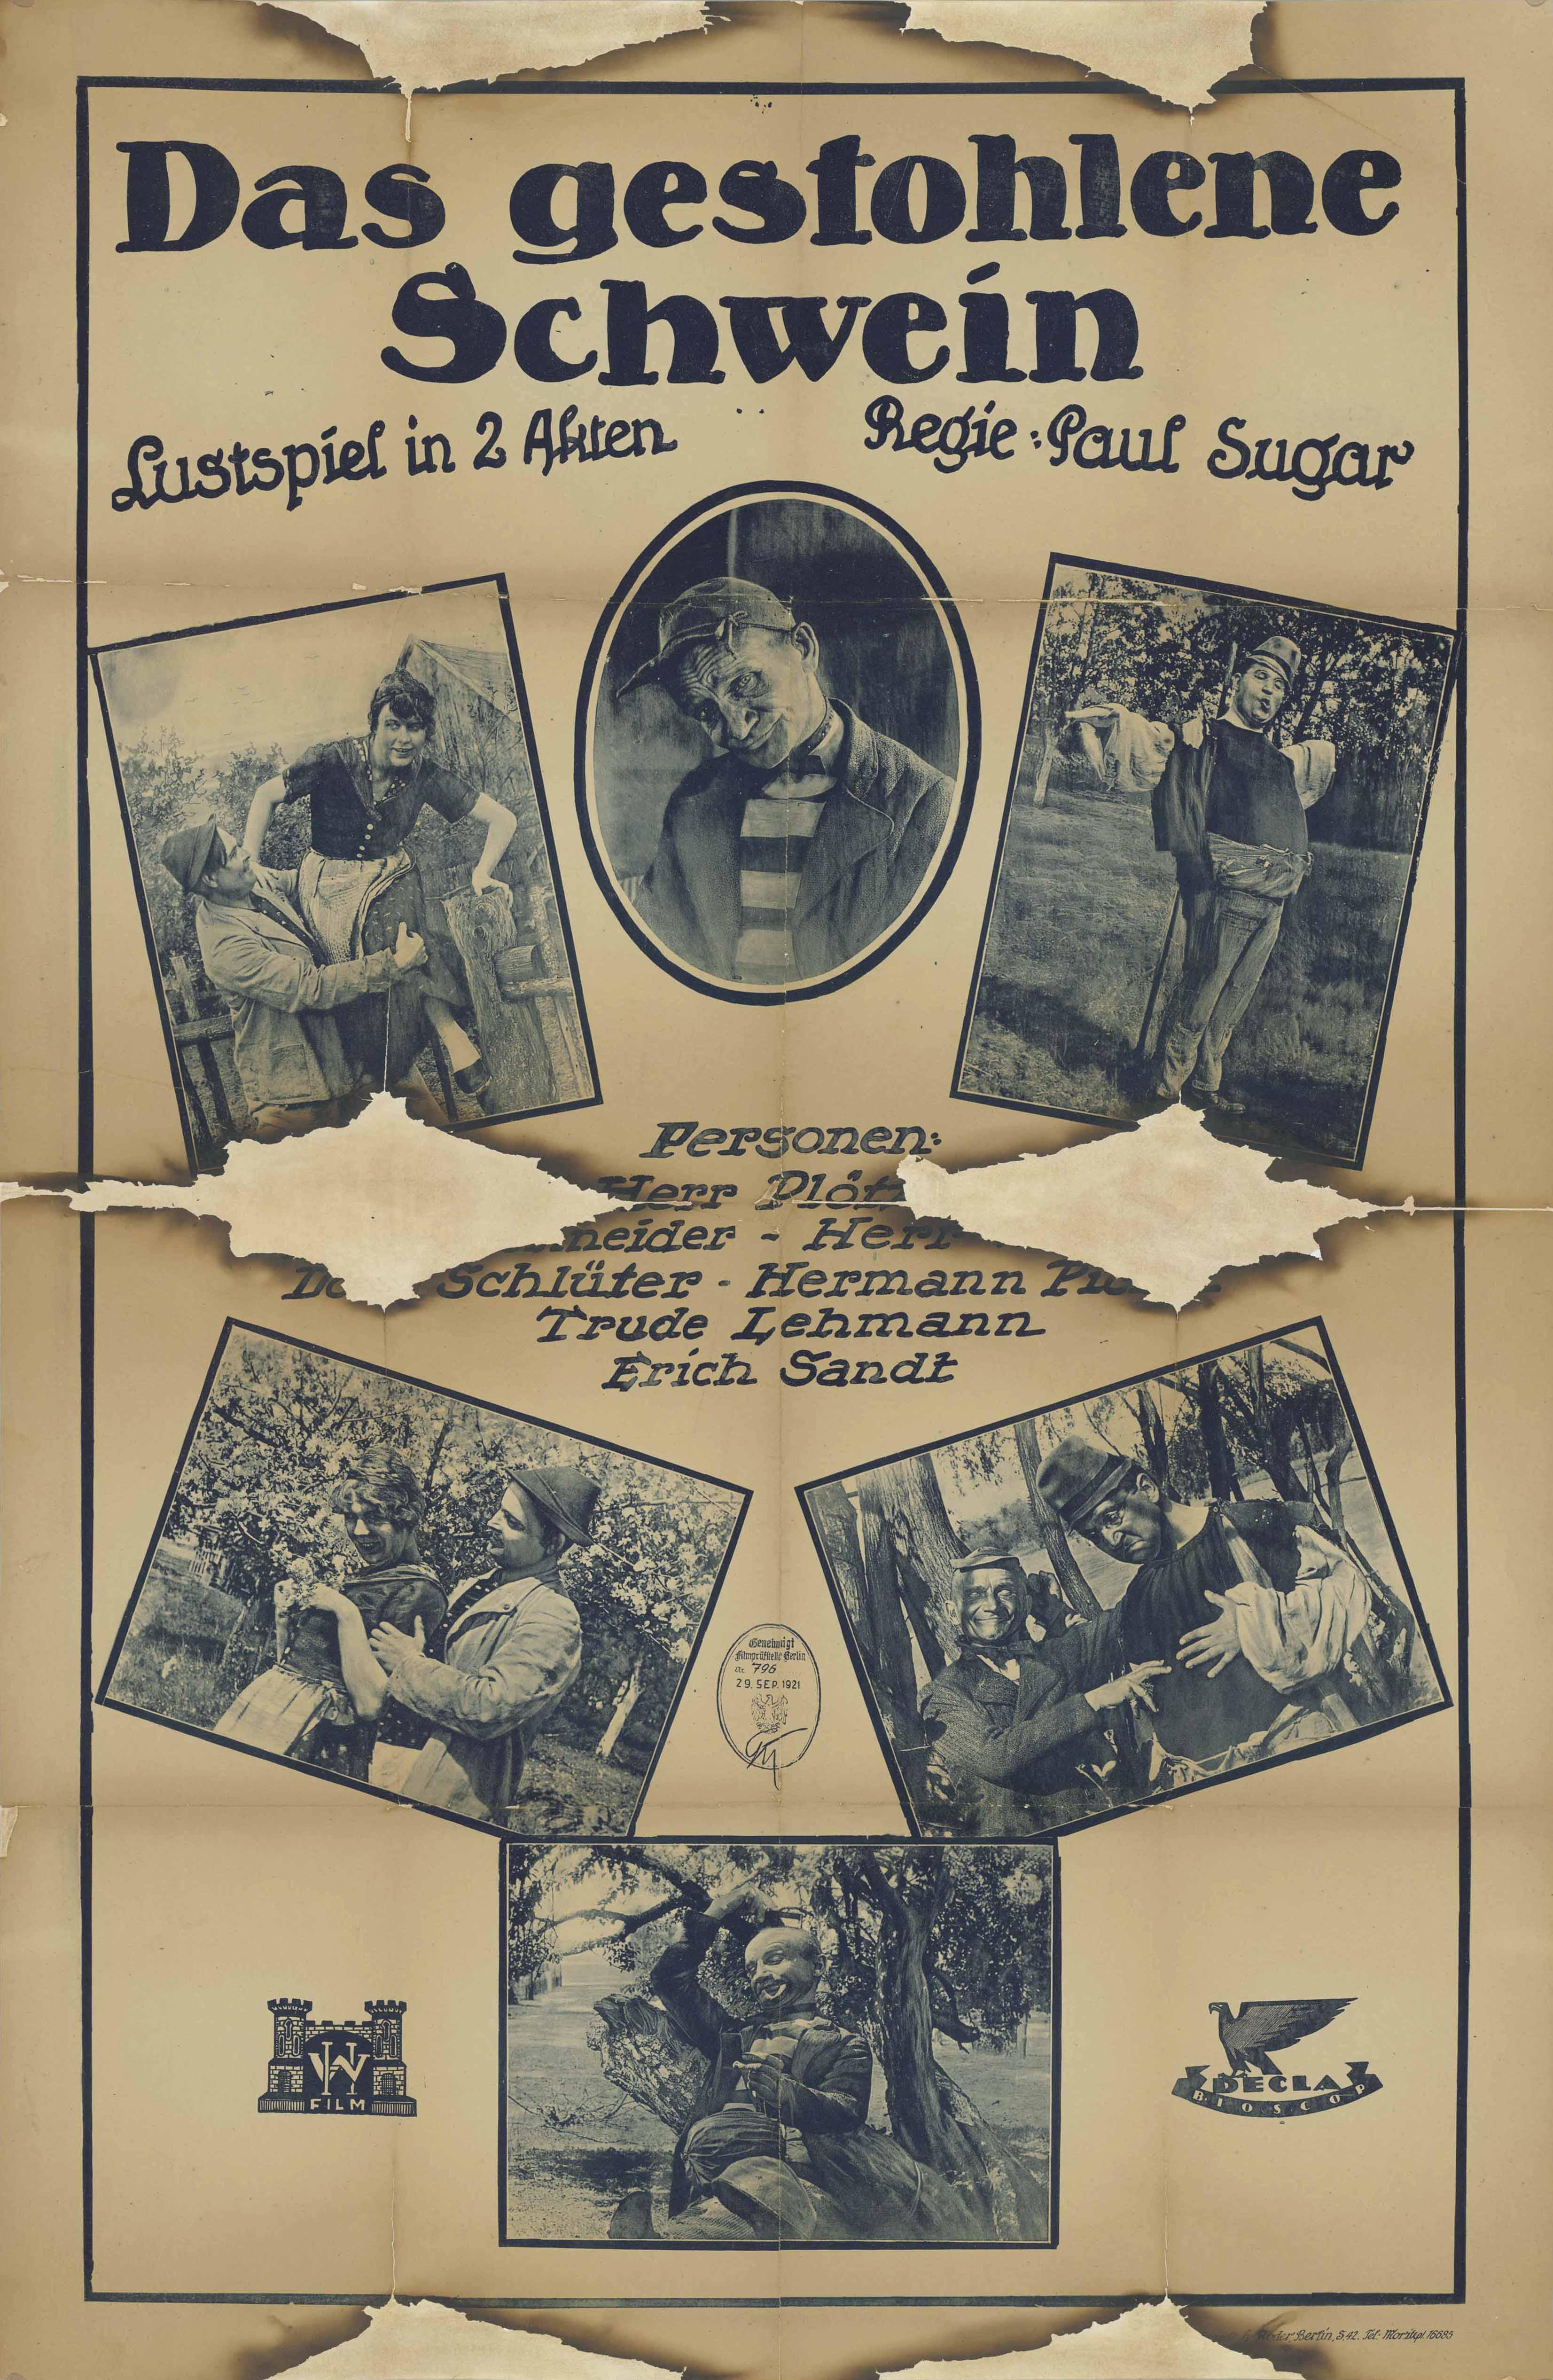 Filmplakat zu dem Film Das gestohlene Schwein, Deutschland 1921